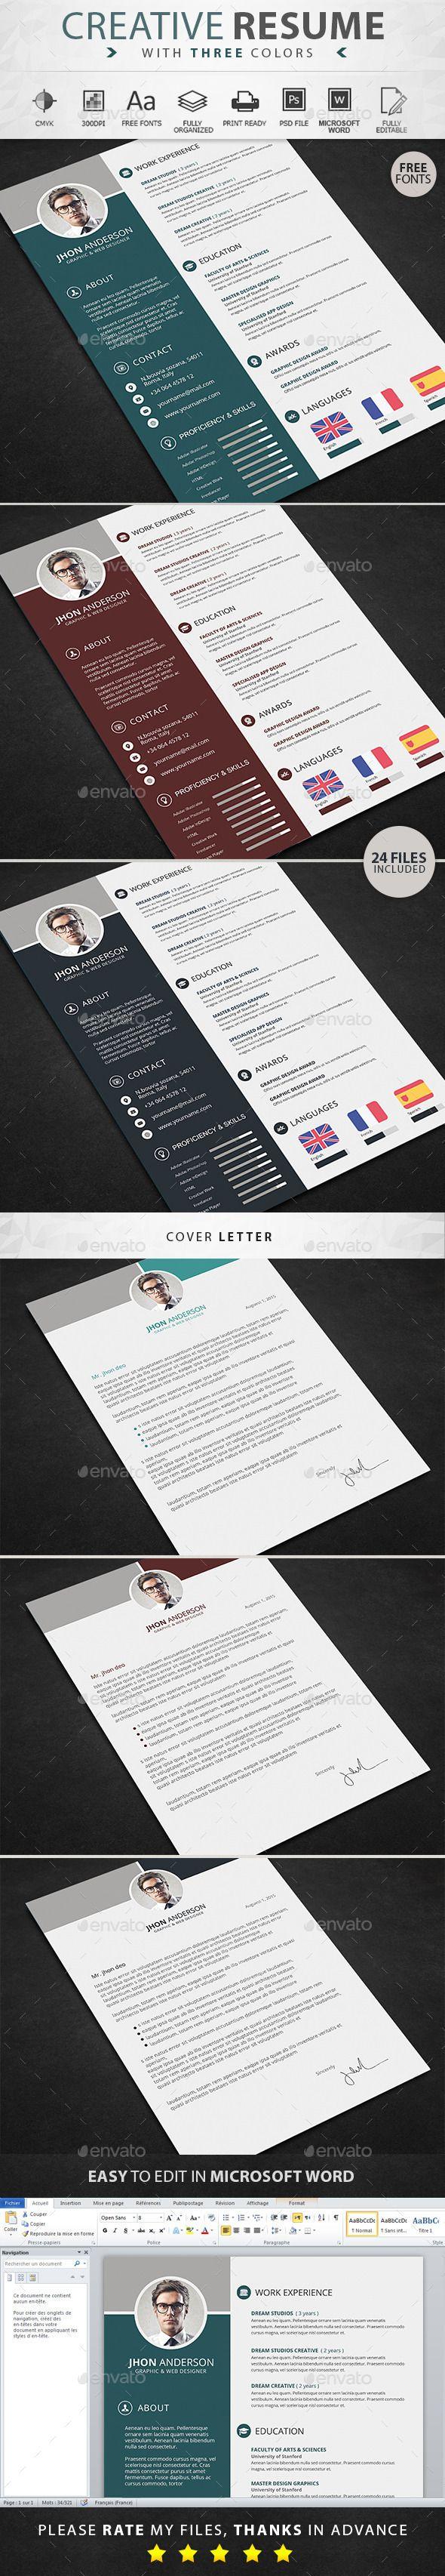 Resume Template design Download httpgraphicrivernetitem Resume